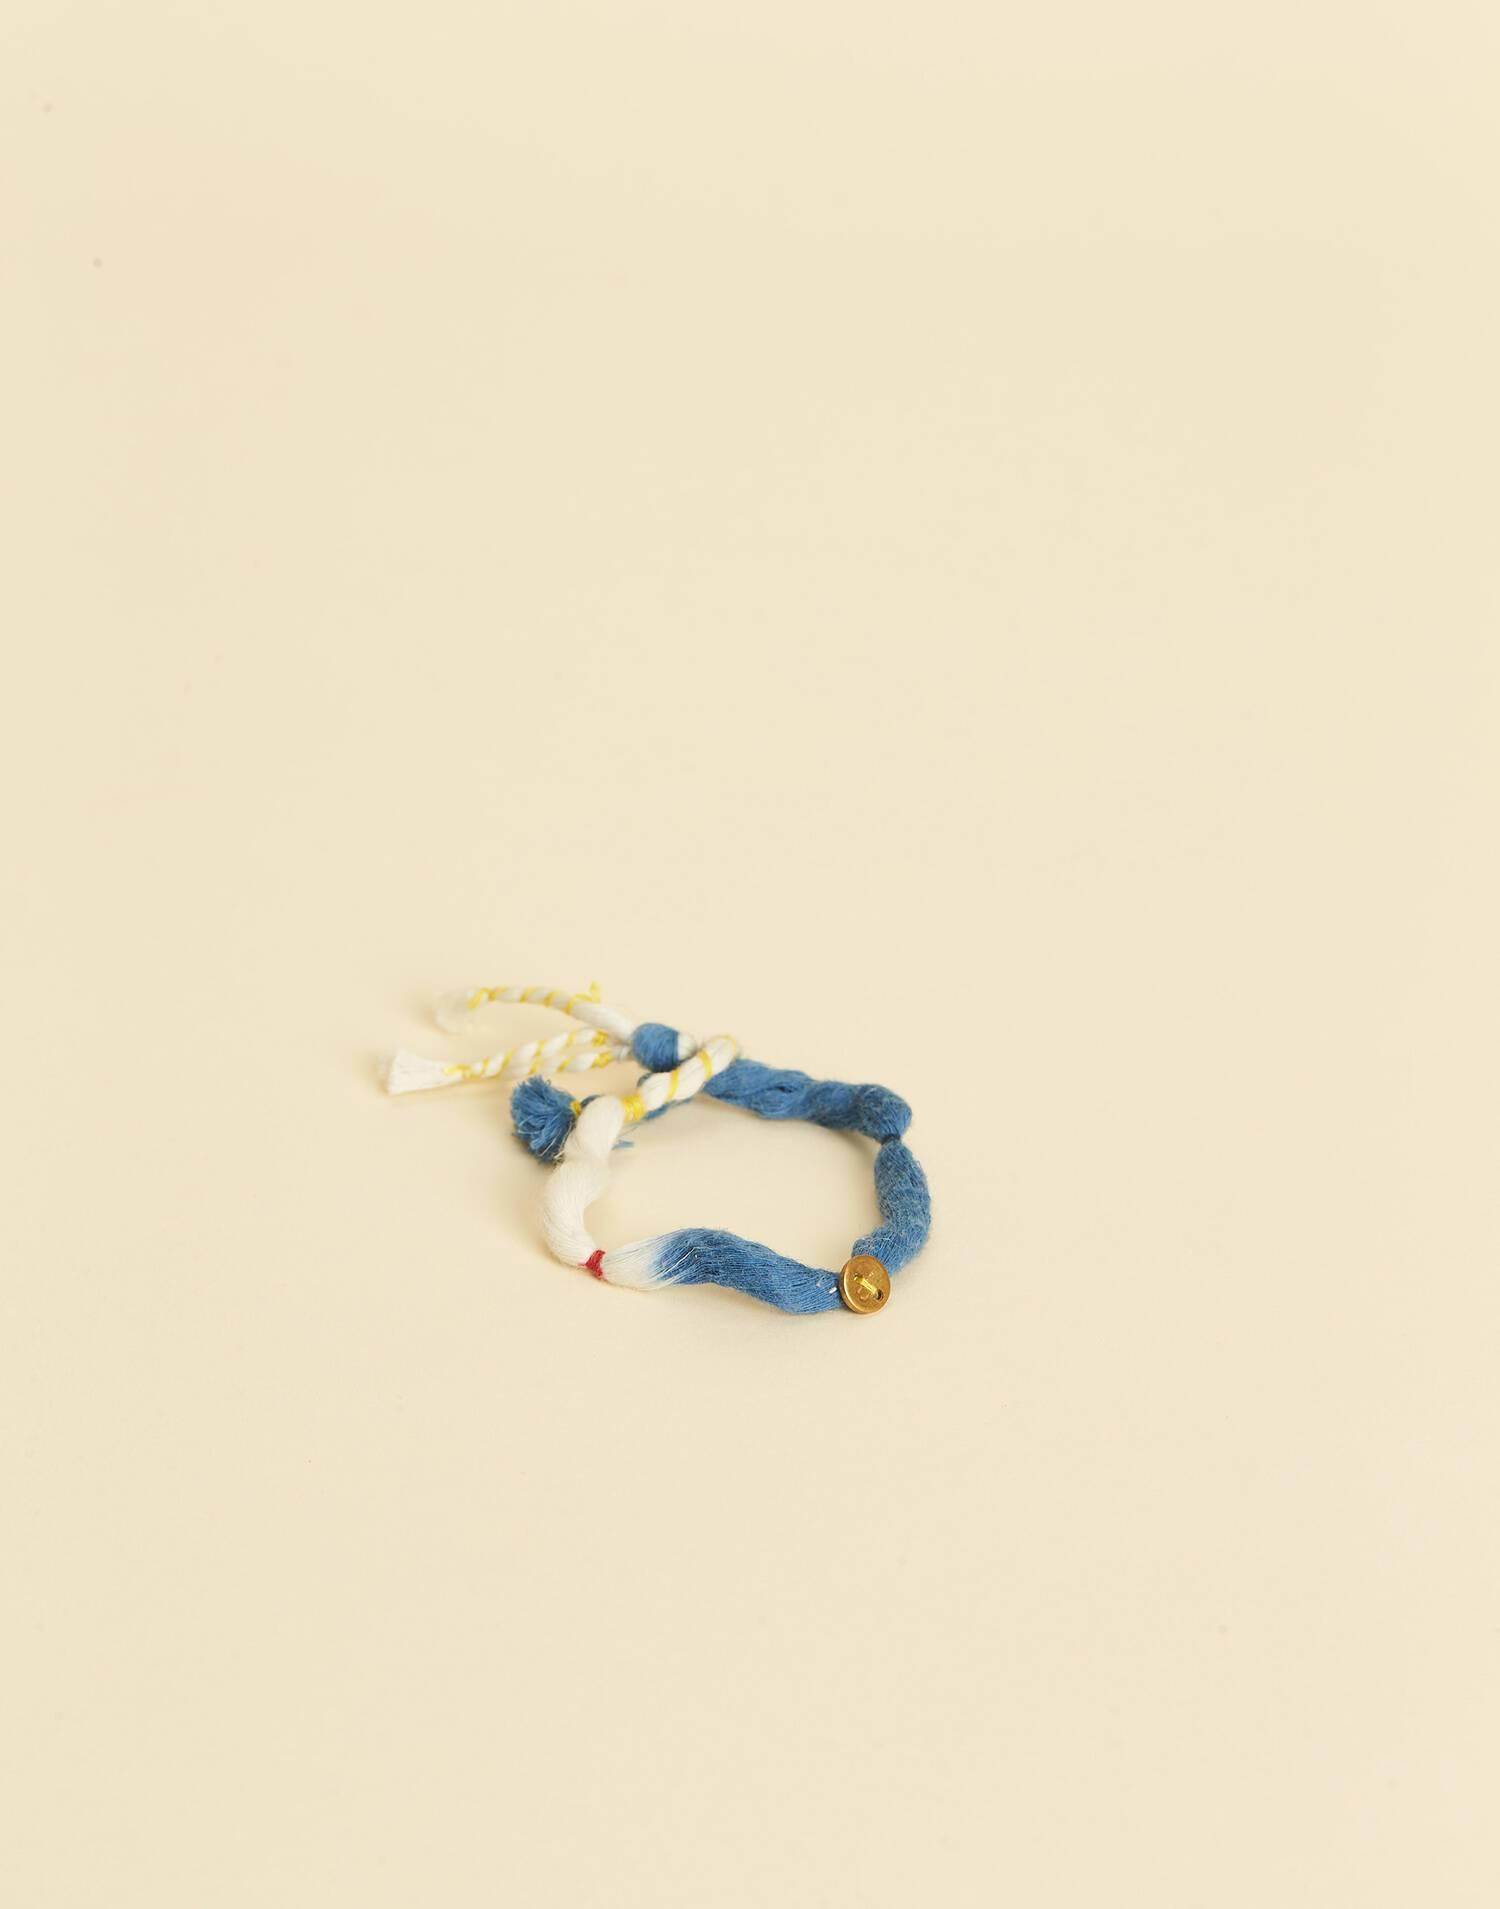 Tie-dye bracelet